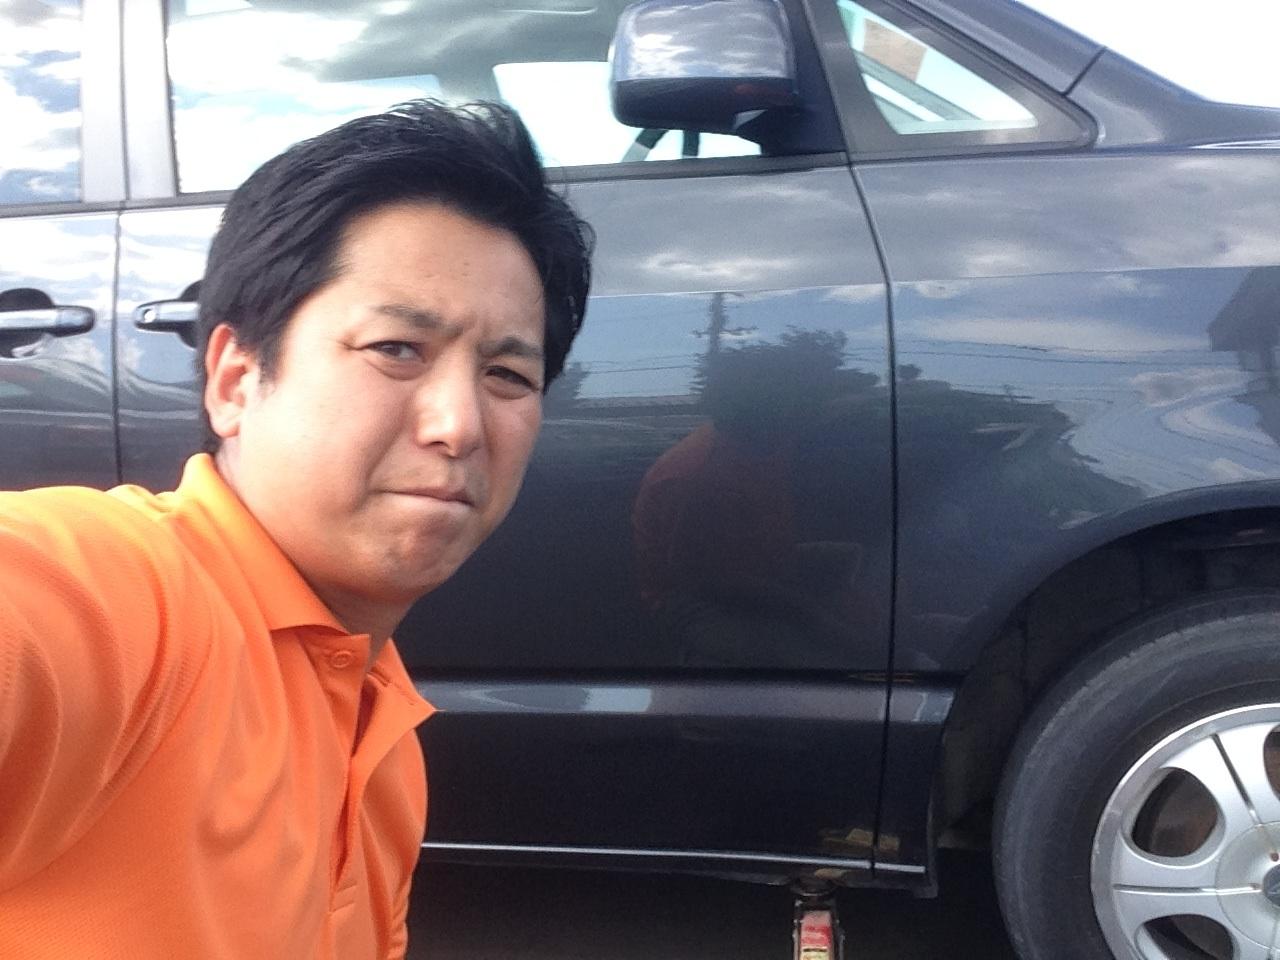 7月24日(木)トミーアウトレット☆グッチーブログ♪タント・ラパン☆100万以下車_b0127002_19353256.jpg